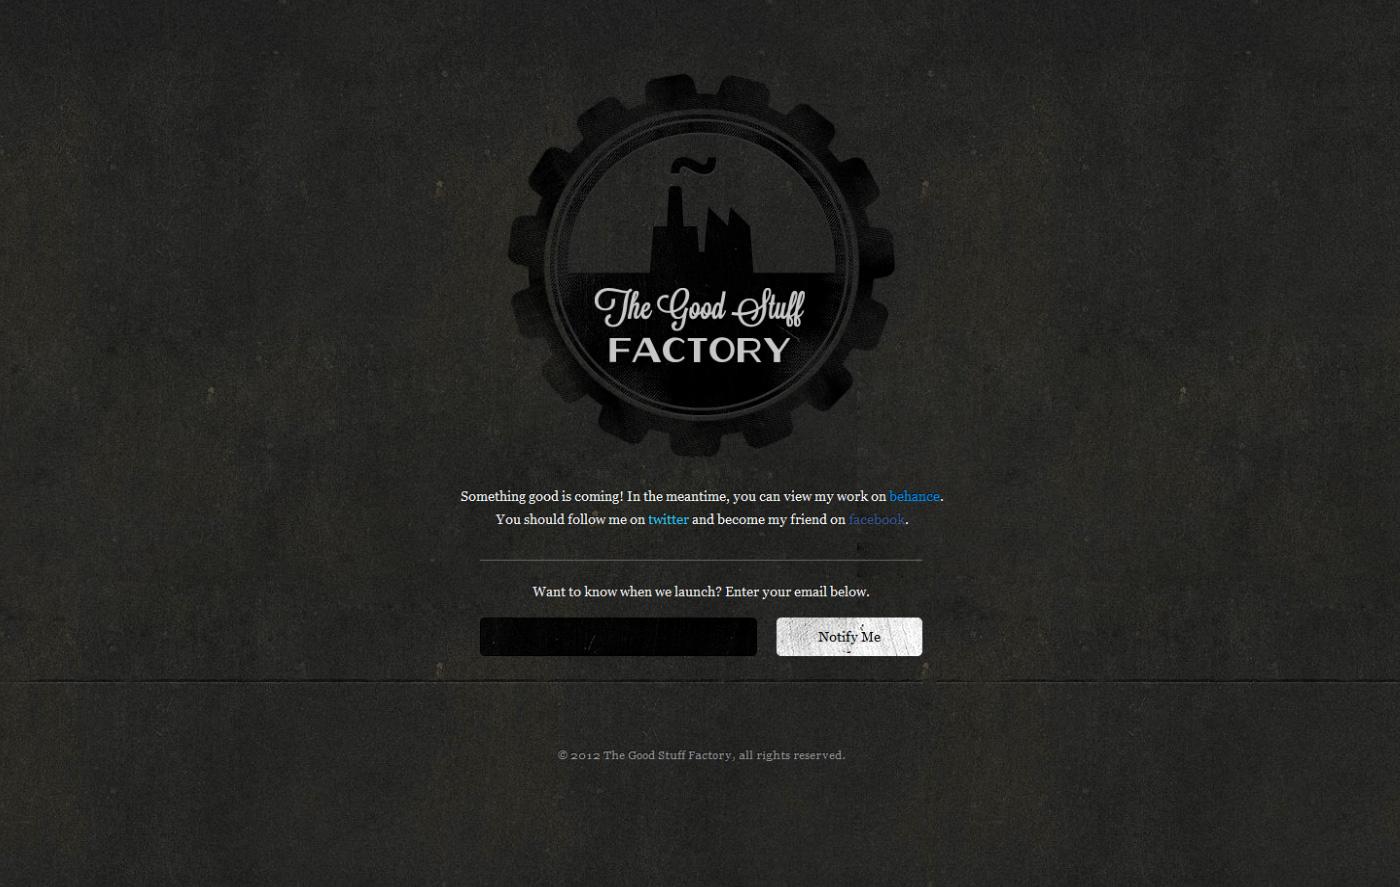 The Good Stuff Factory Website Screenshot